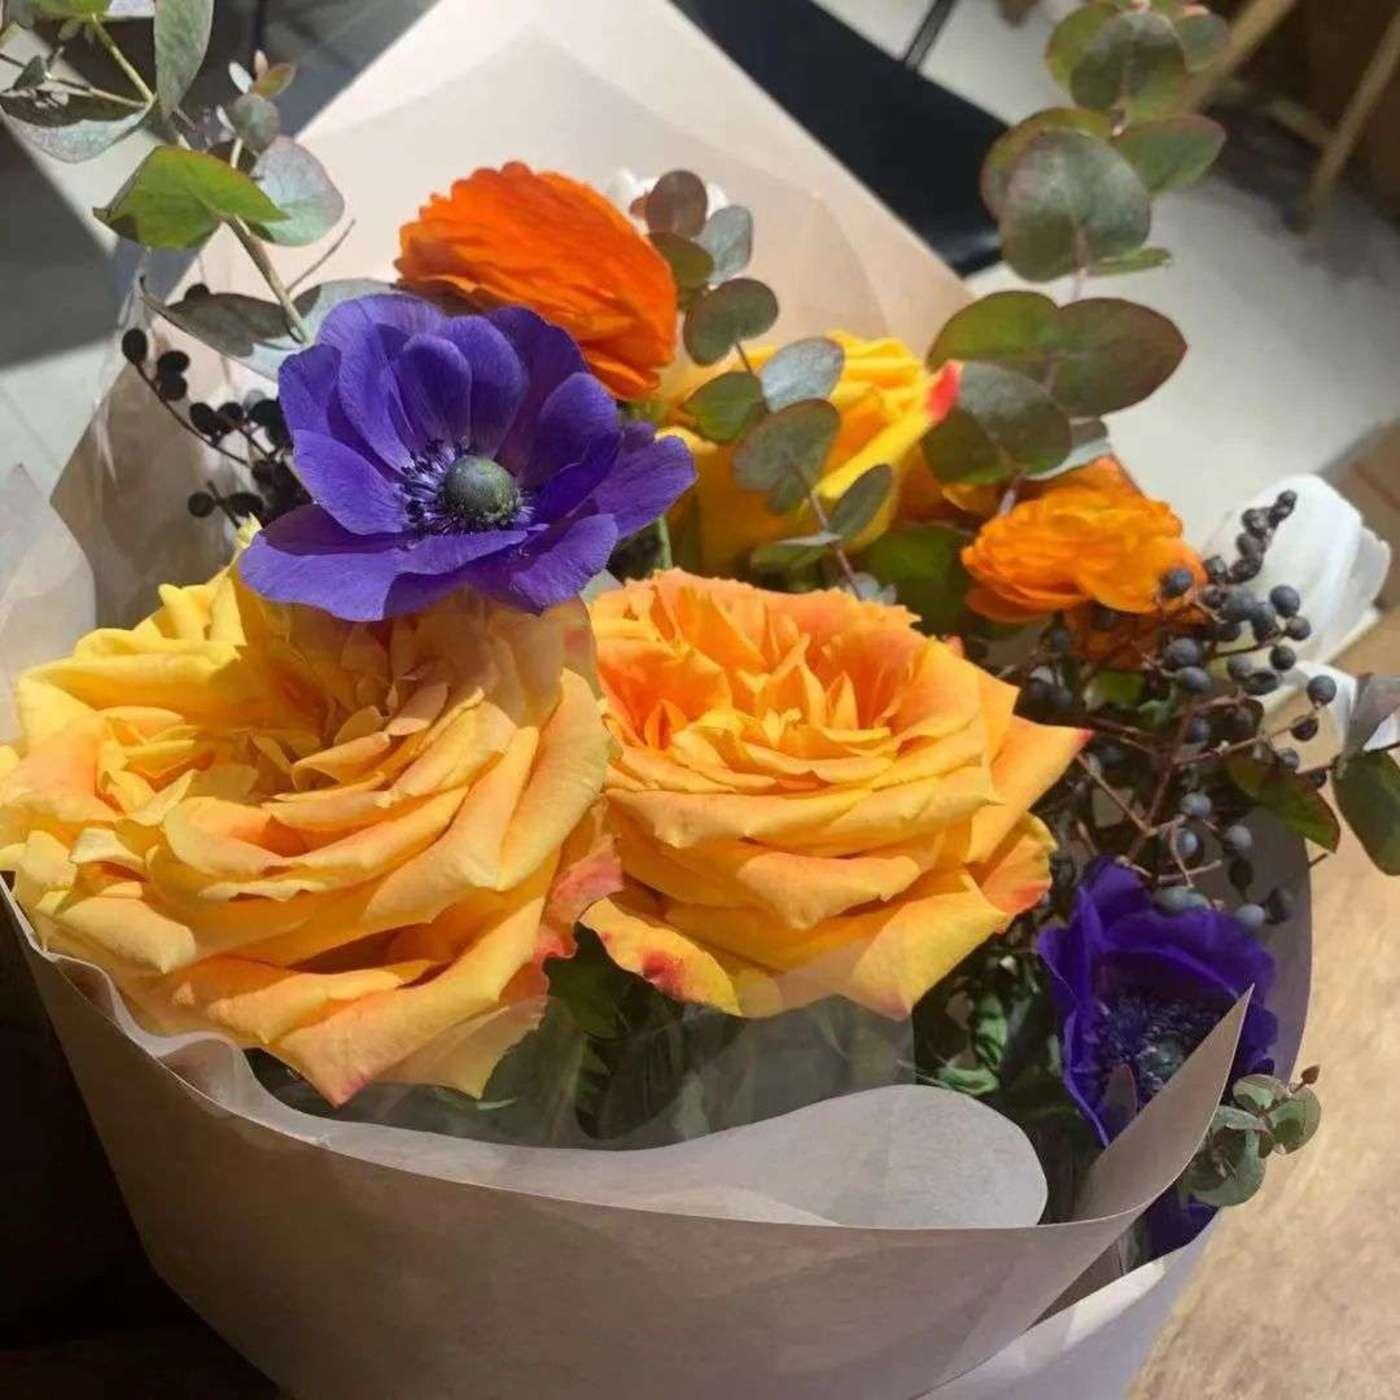 小杨春节期间买到的花束